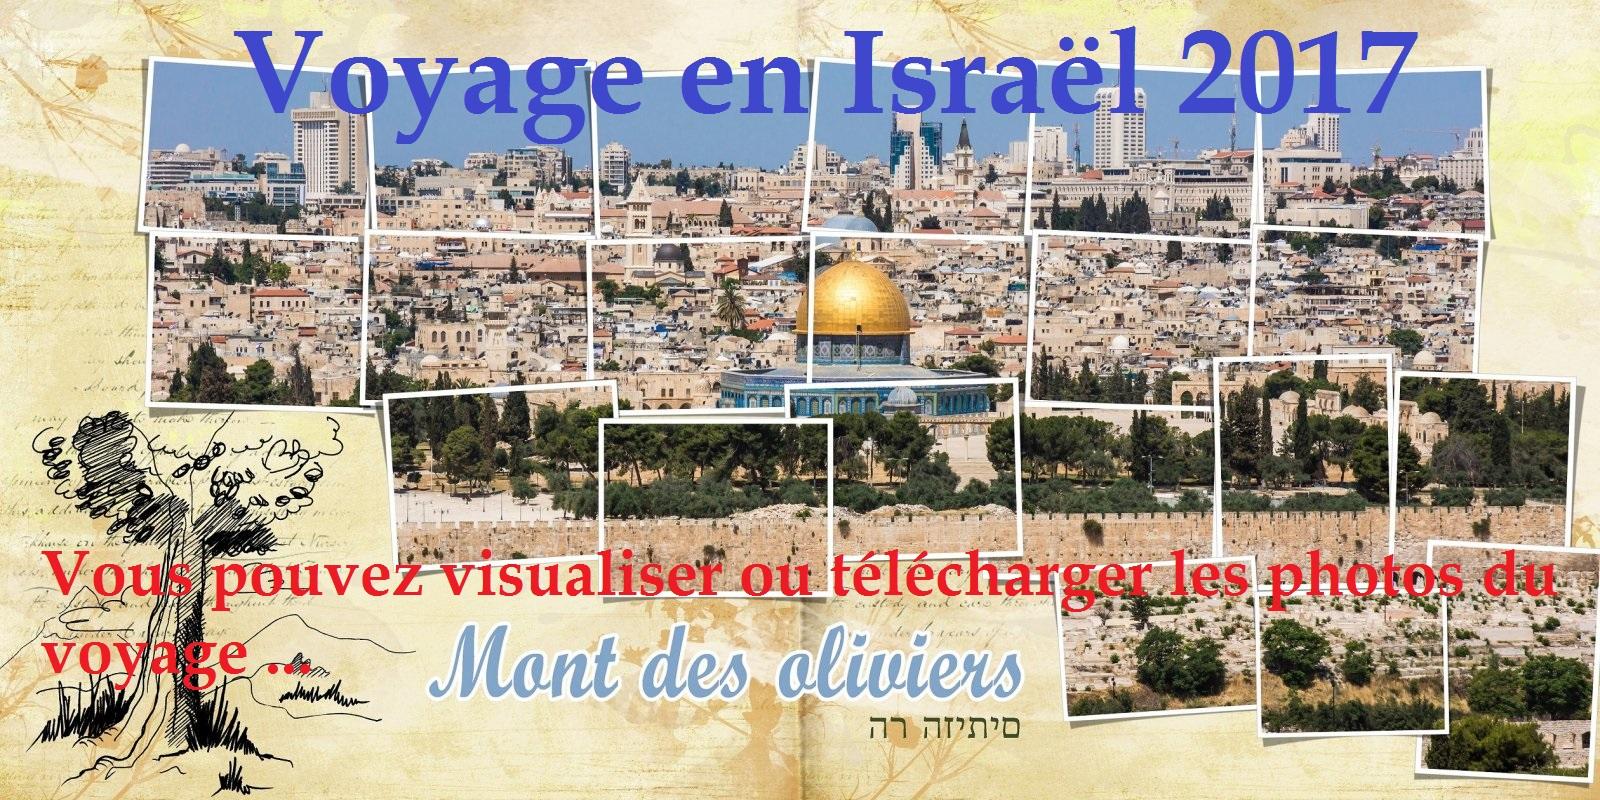 Voyage en Israël 2017